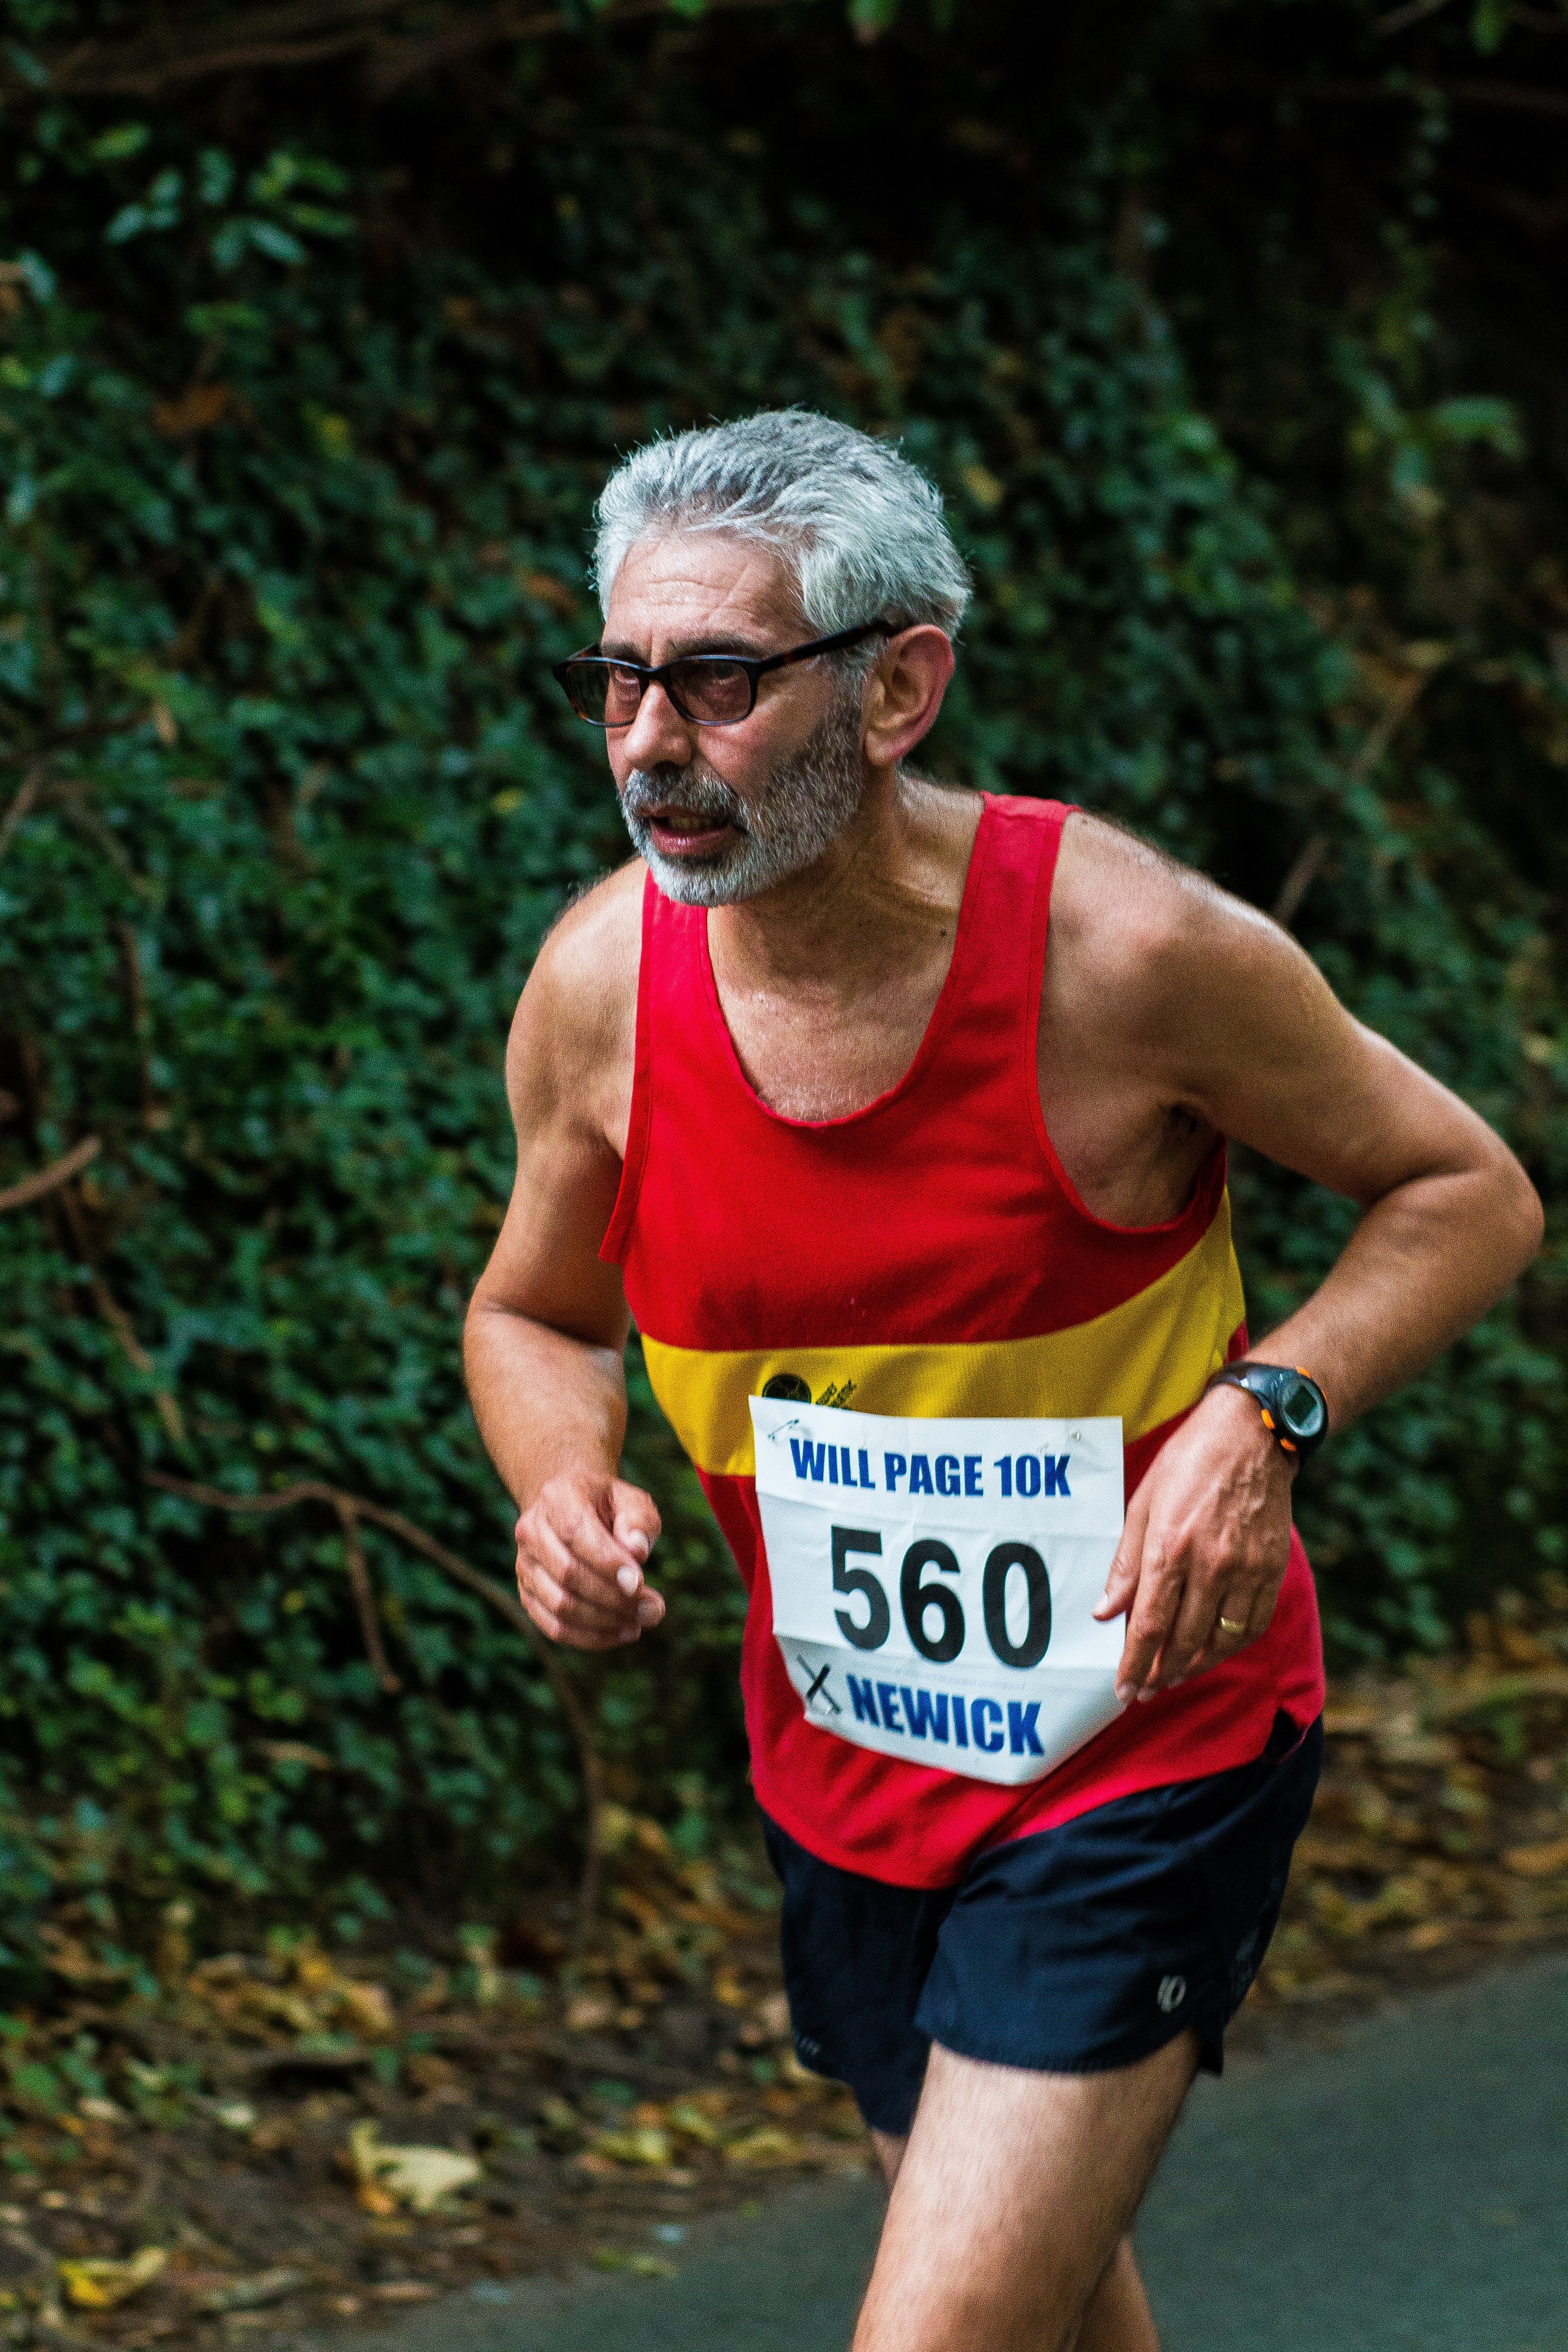 Runner - 560